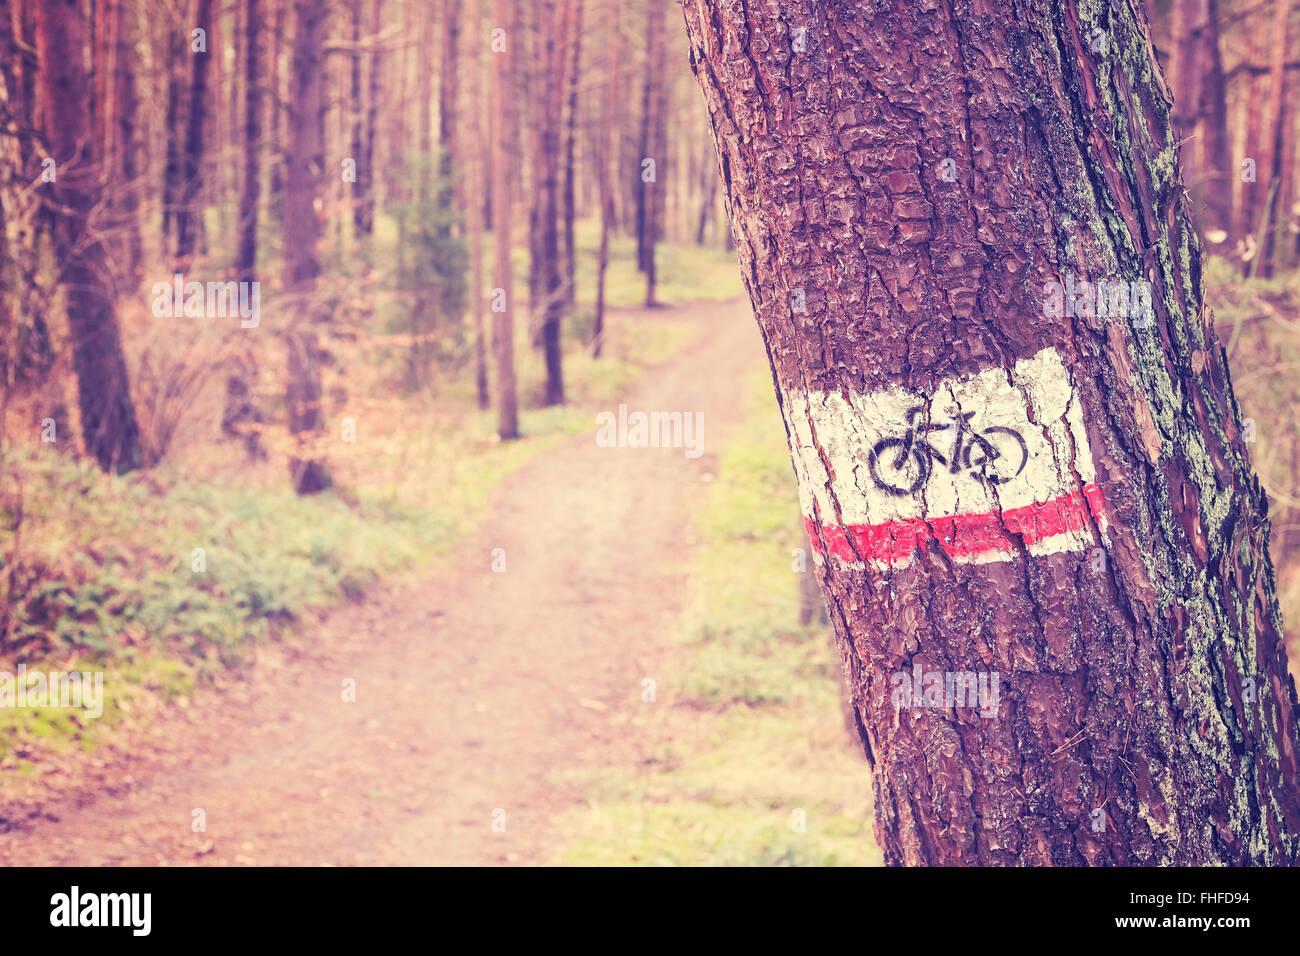 Tonos Vintage Bike Trail signo pintado sobre un árbol en el bosque. Foto de stock